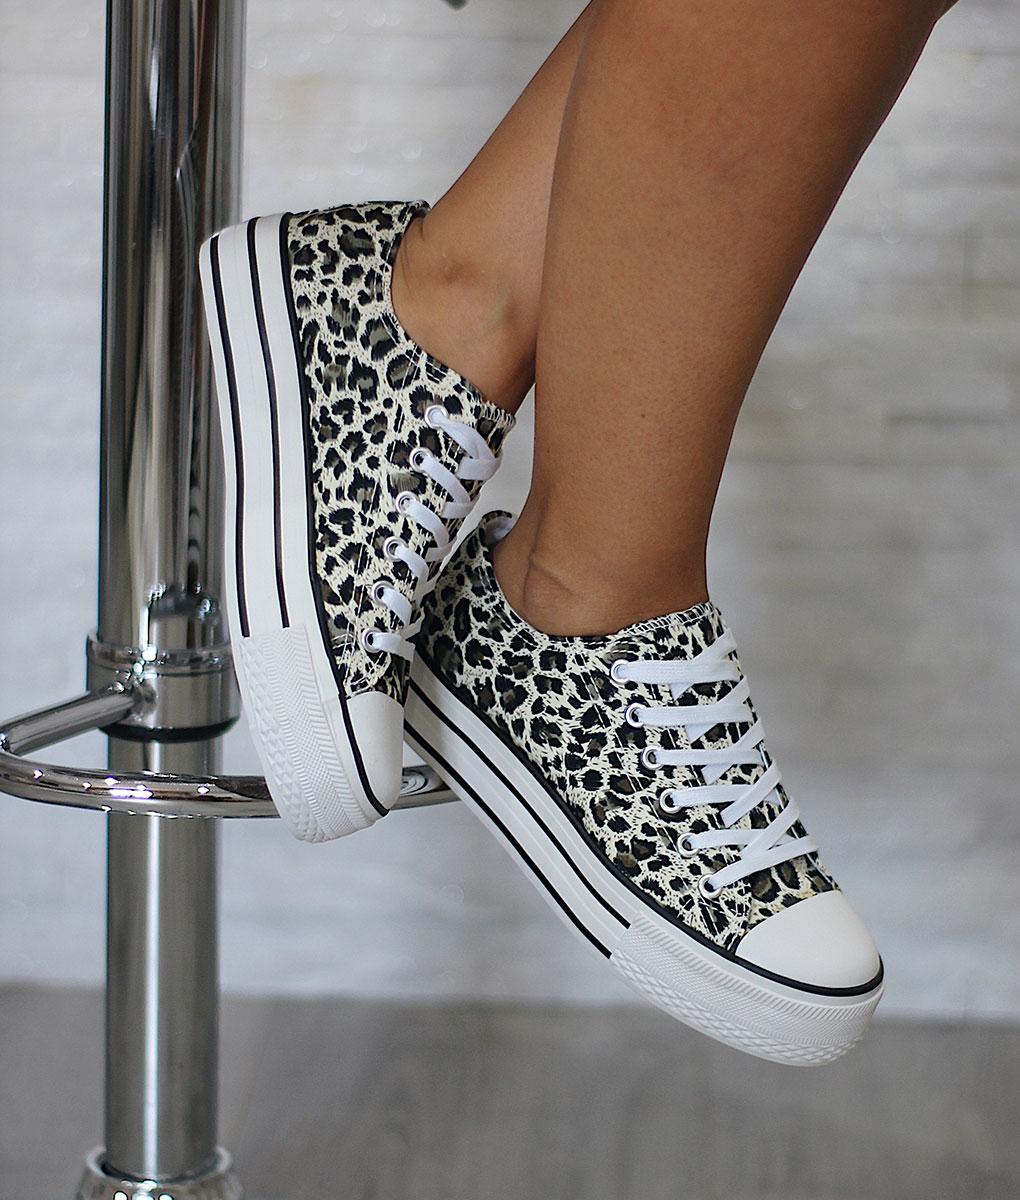 4a08140a3c8 Zapatillas plataforma leopardo – KL Moda